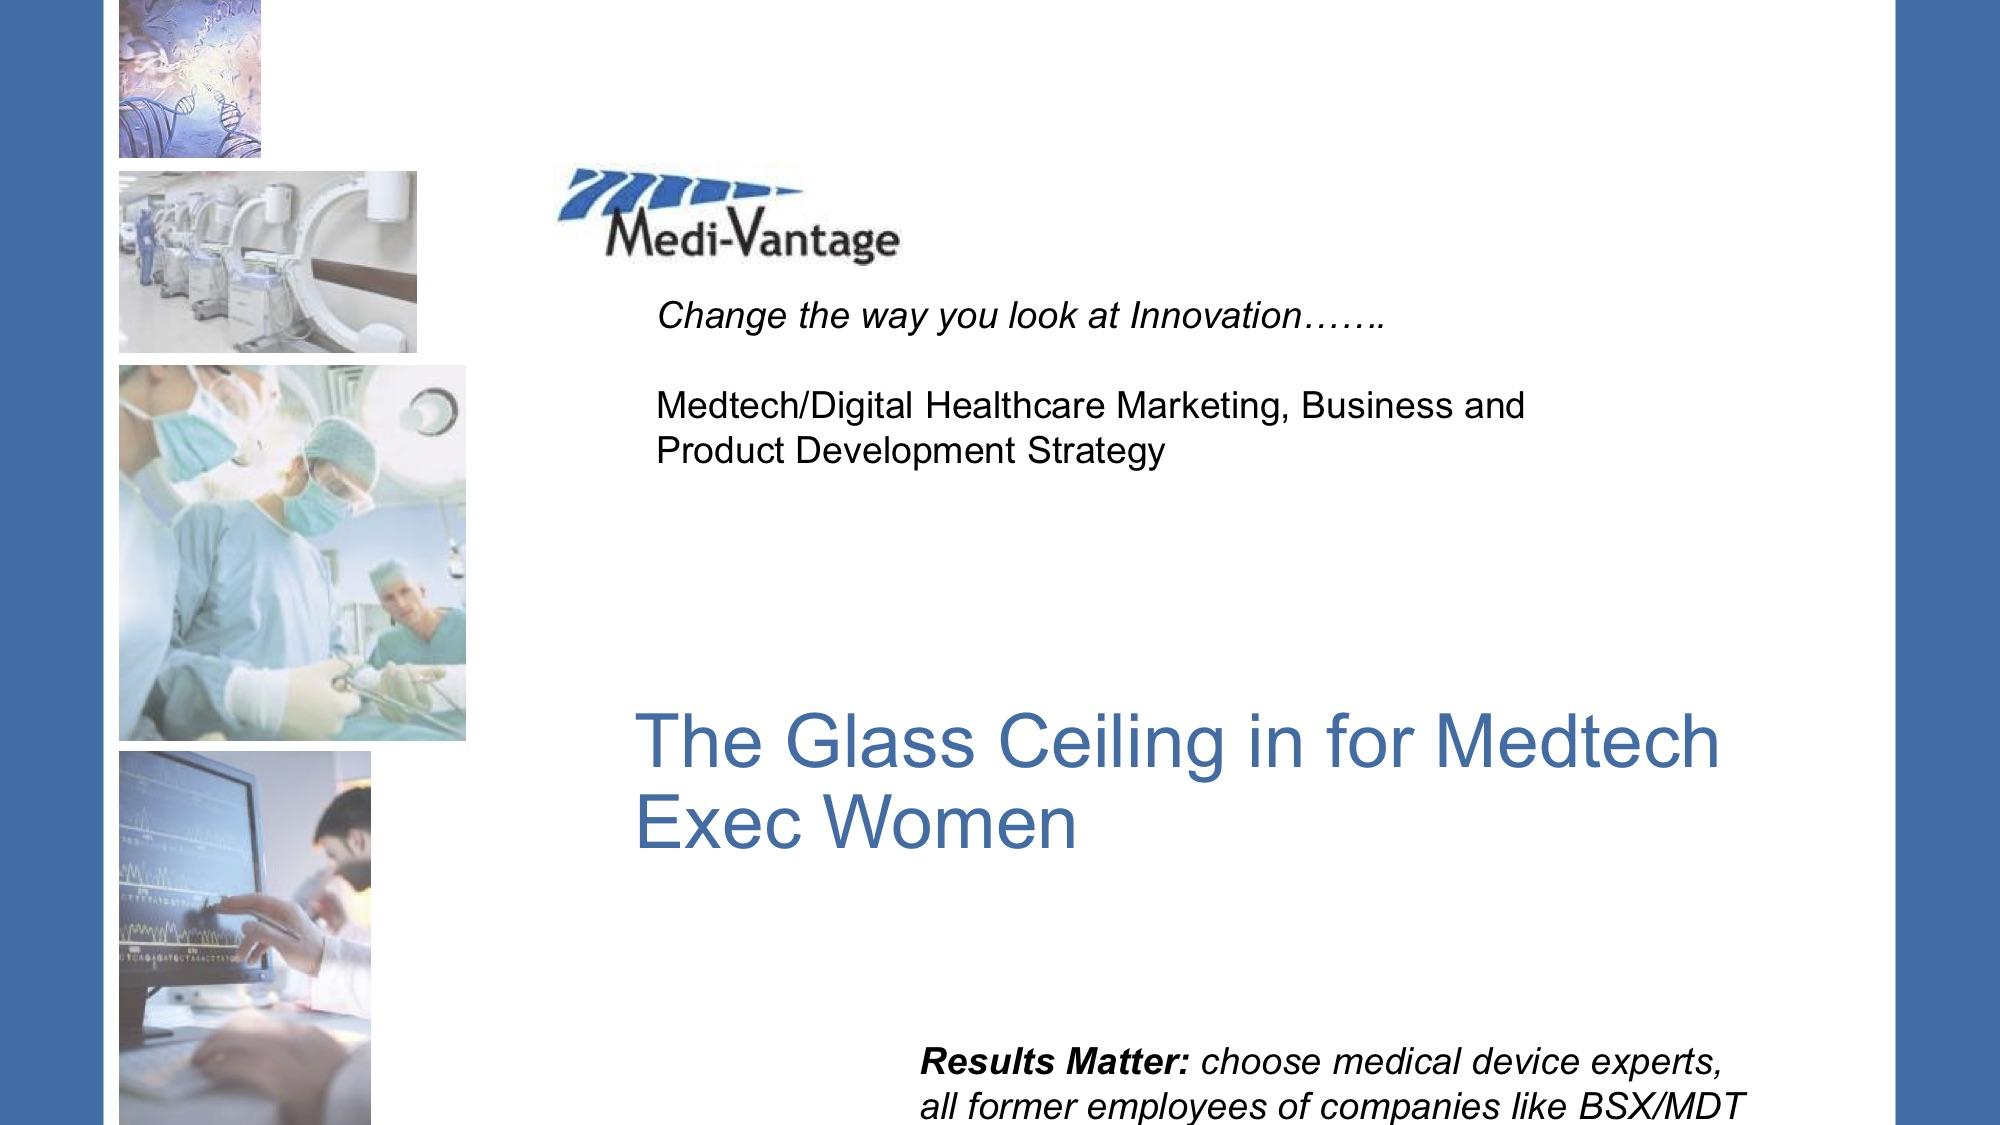 The glass ceiling for medtech exec women1.jpg